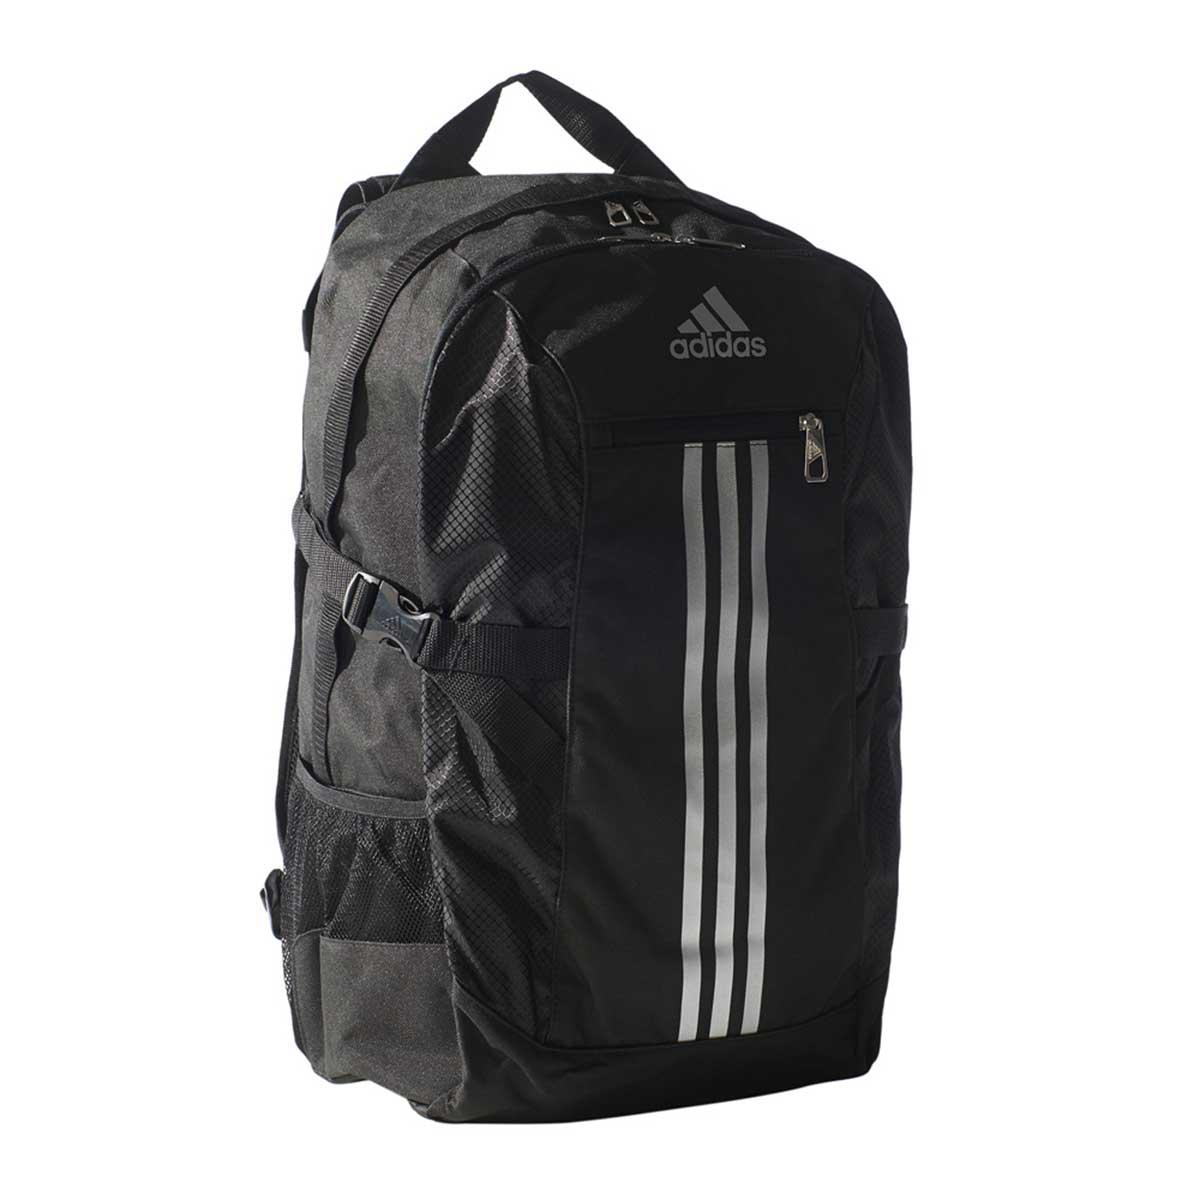 196007e89 Buy Adidas Unisex Training Power II LS Backpack Online India